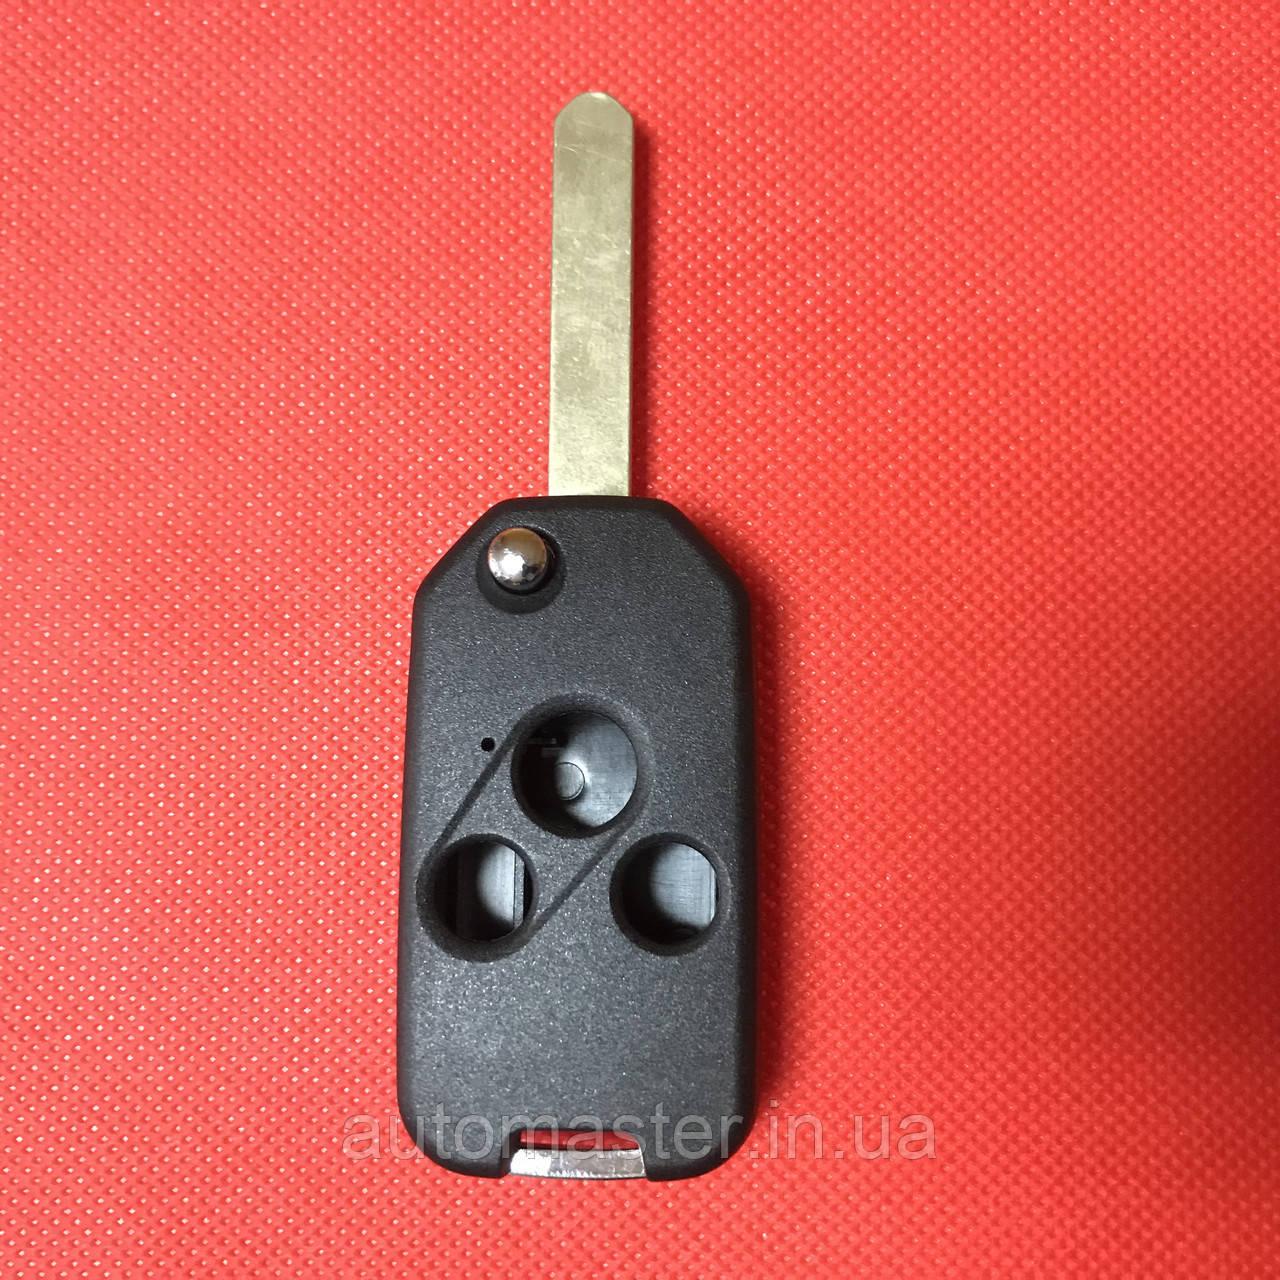 Корпус  ключ выкидной для переделки Honda (Хонда) 3 кнопки